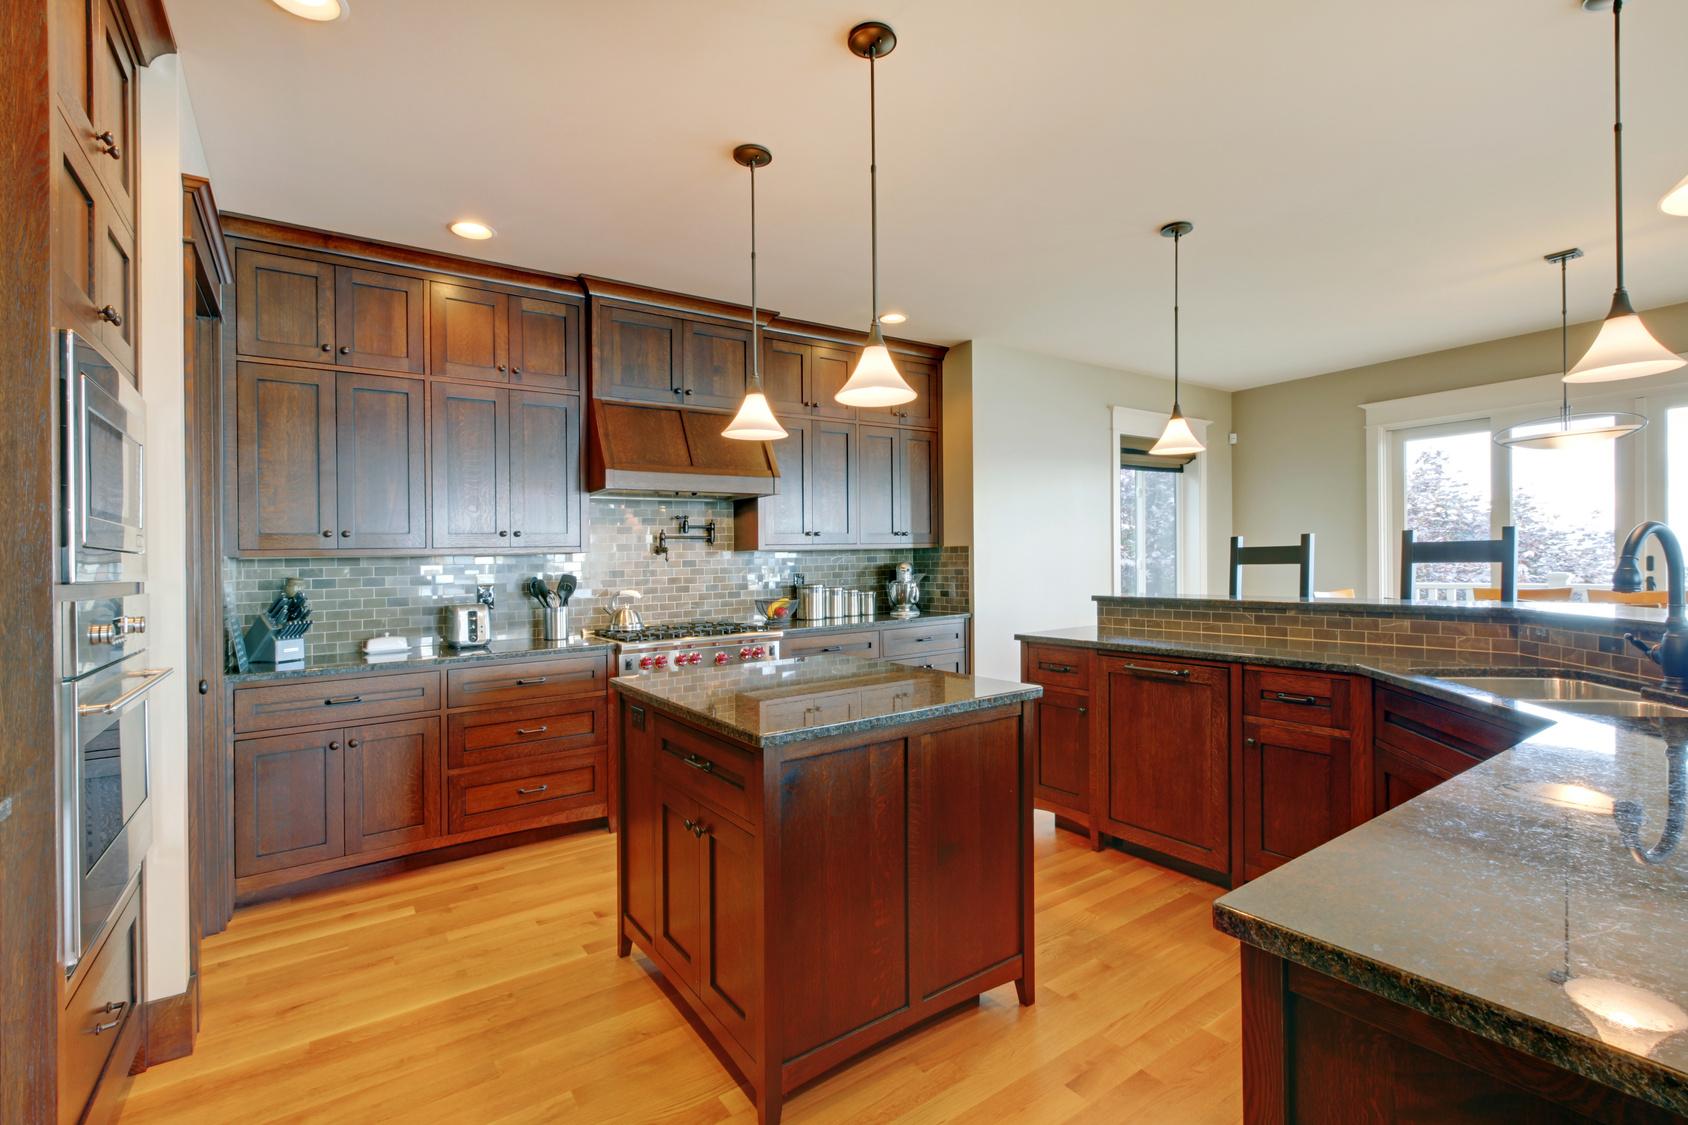 Beautiful hardwood kitchen floor